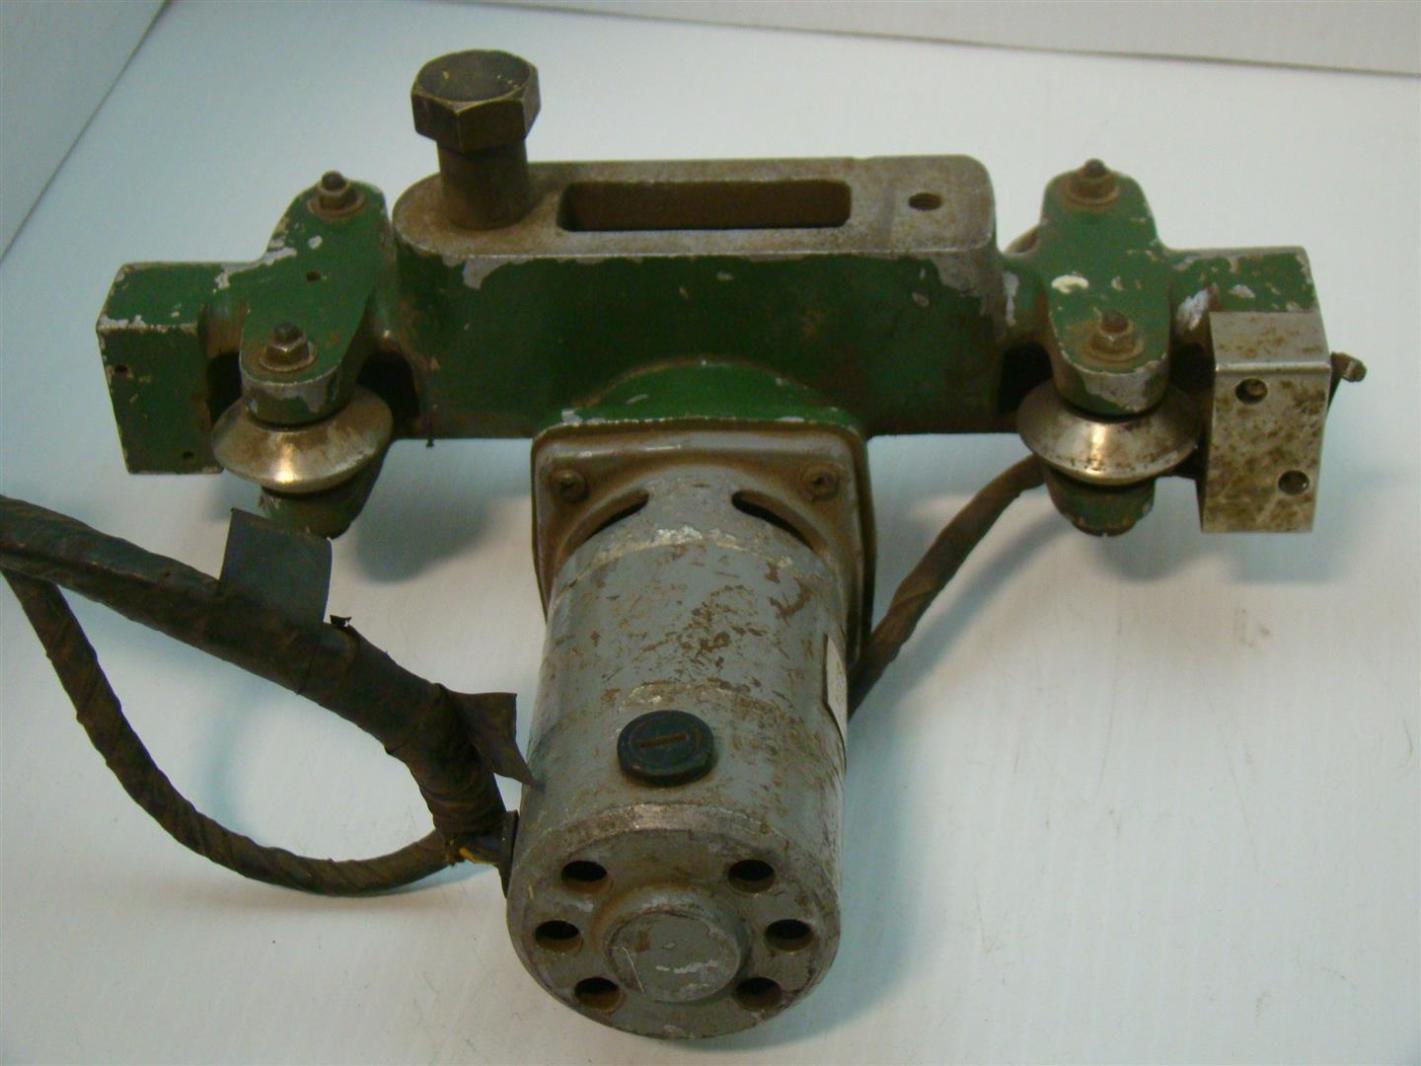 Koike sanso dc motor 120v 50 60hz 15w 10000rpm 5910 ebay for 120 rpm dc motor